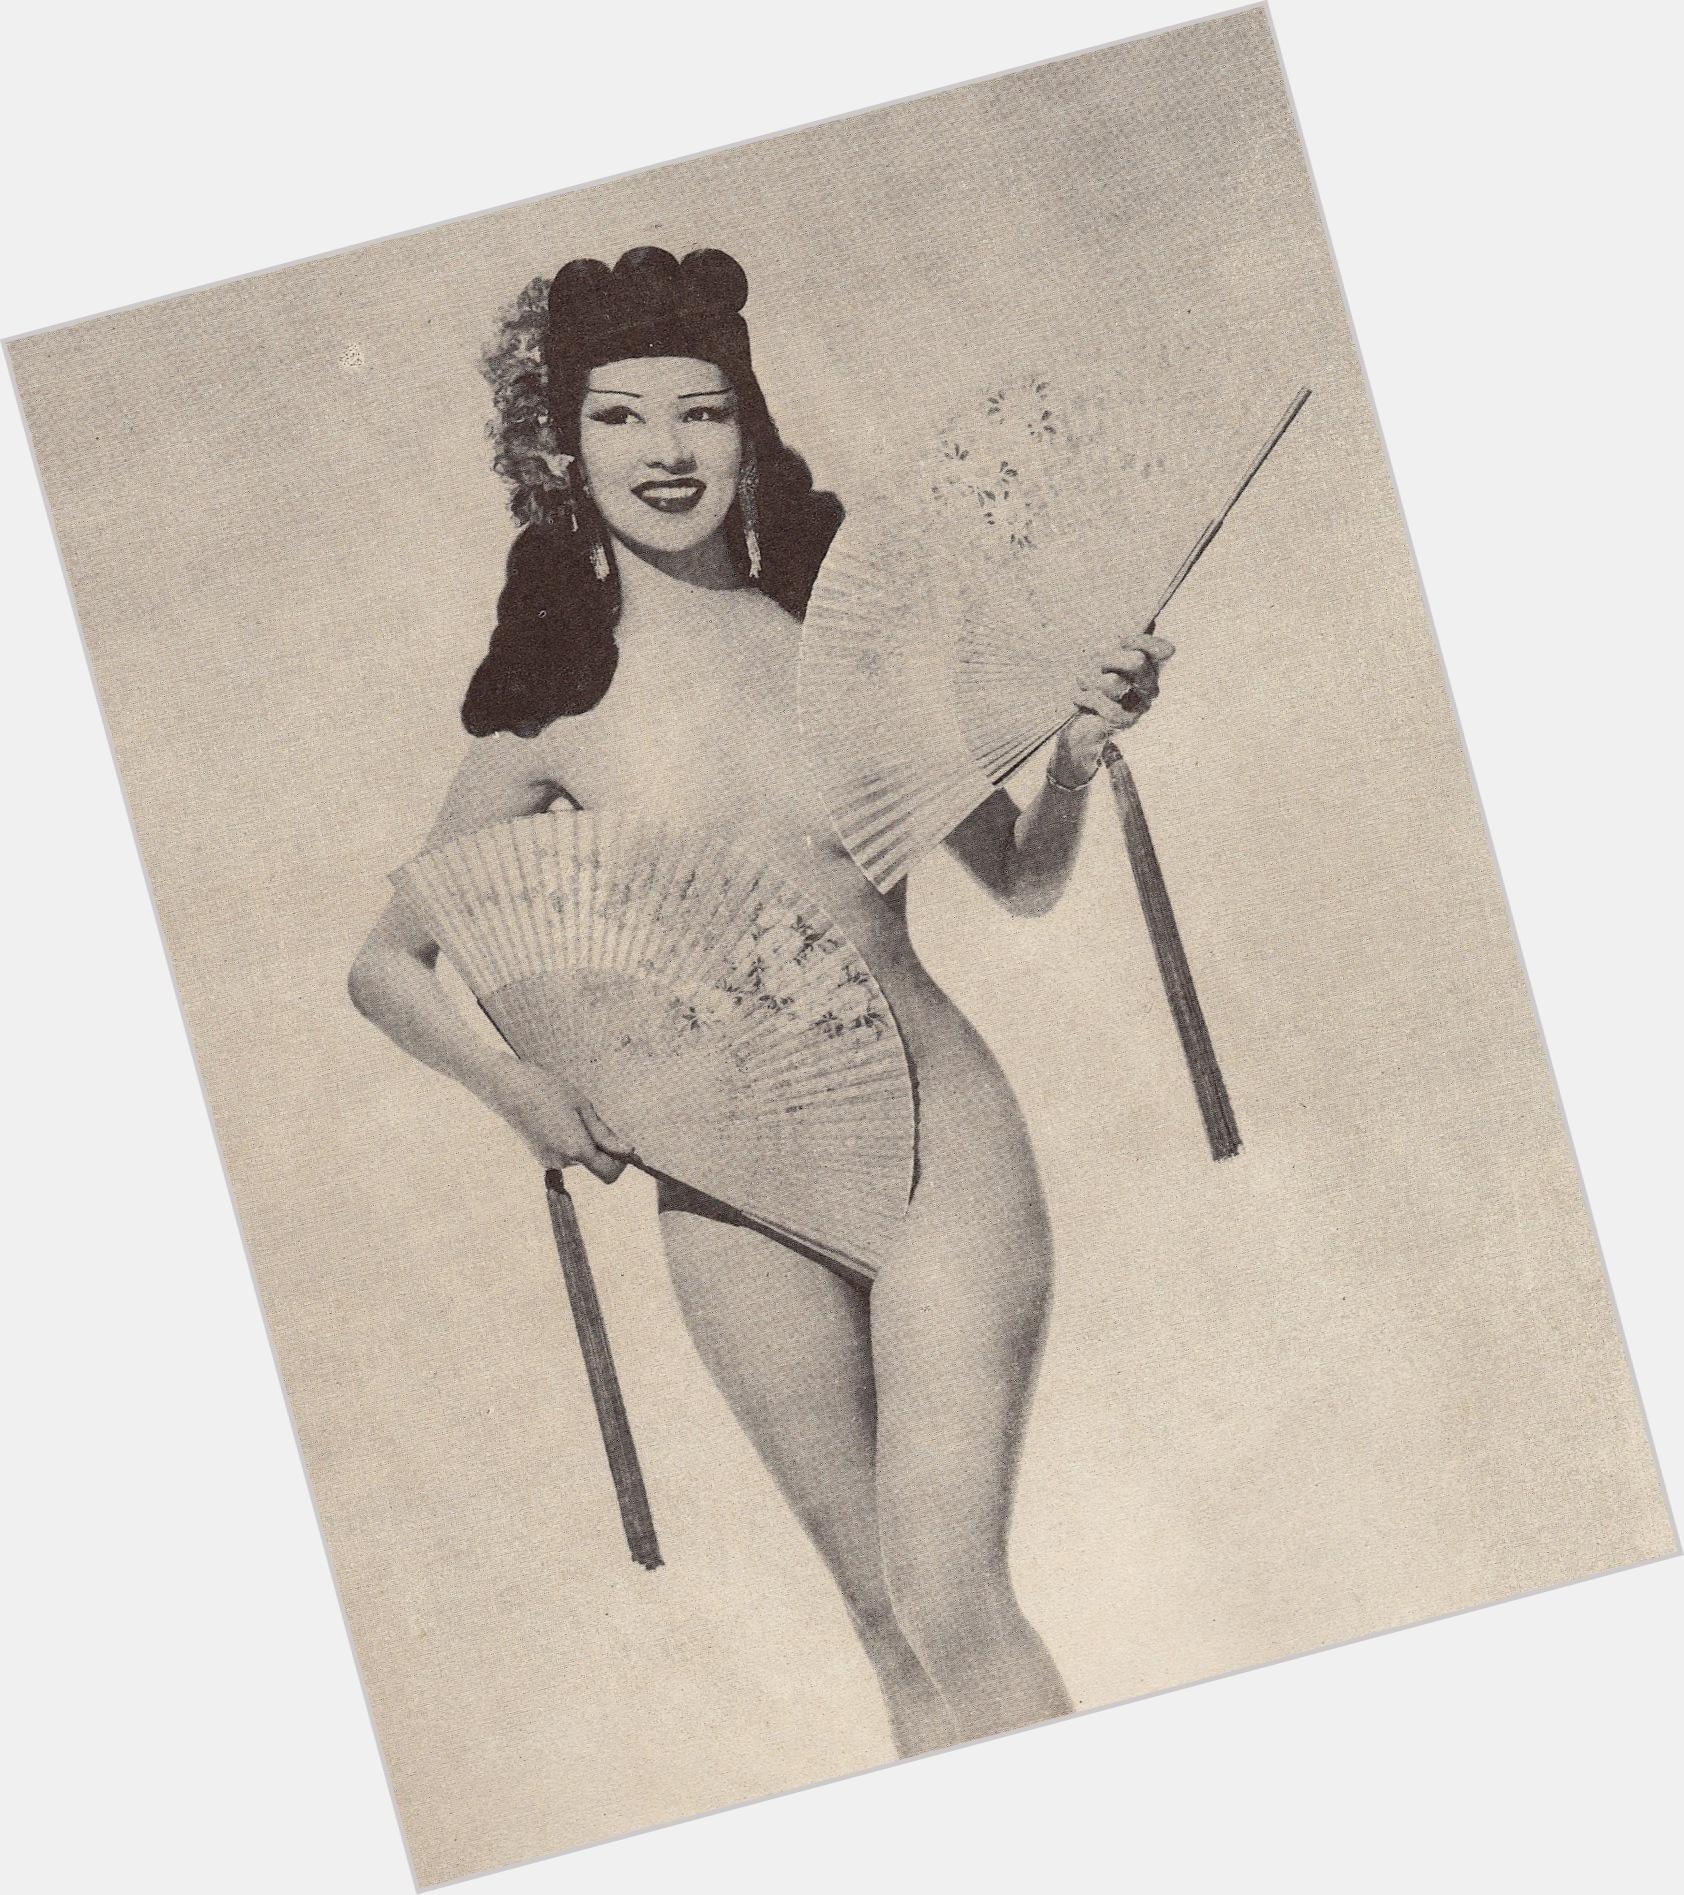 """<a href=""""/hot-women/barbara-yung/where-dating-news-photos"""">Barbara Yung</a>"""